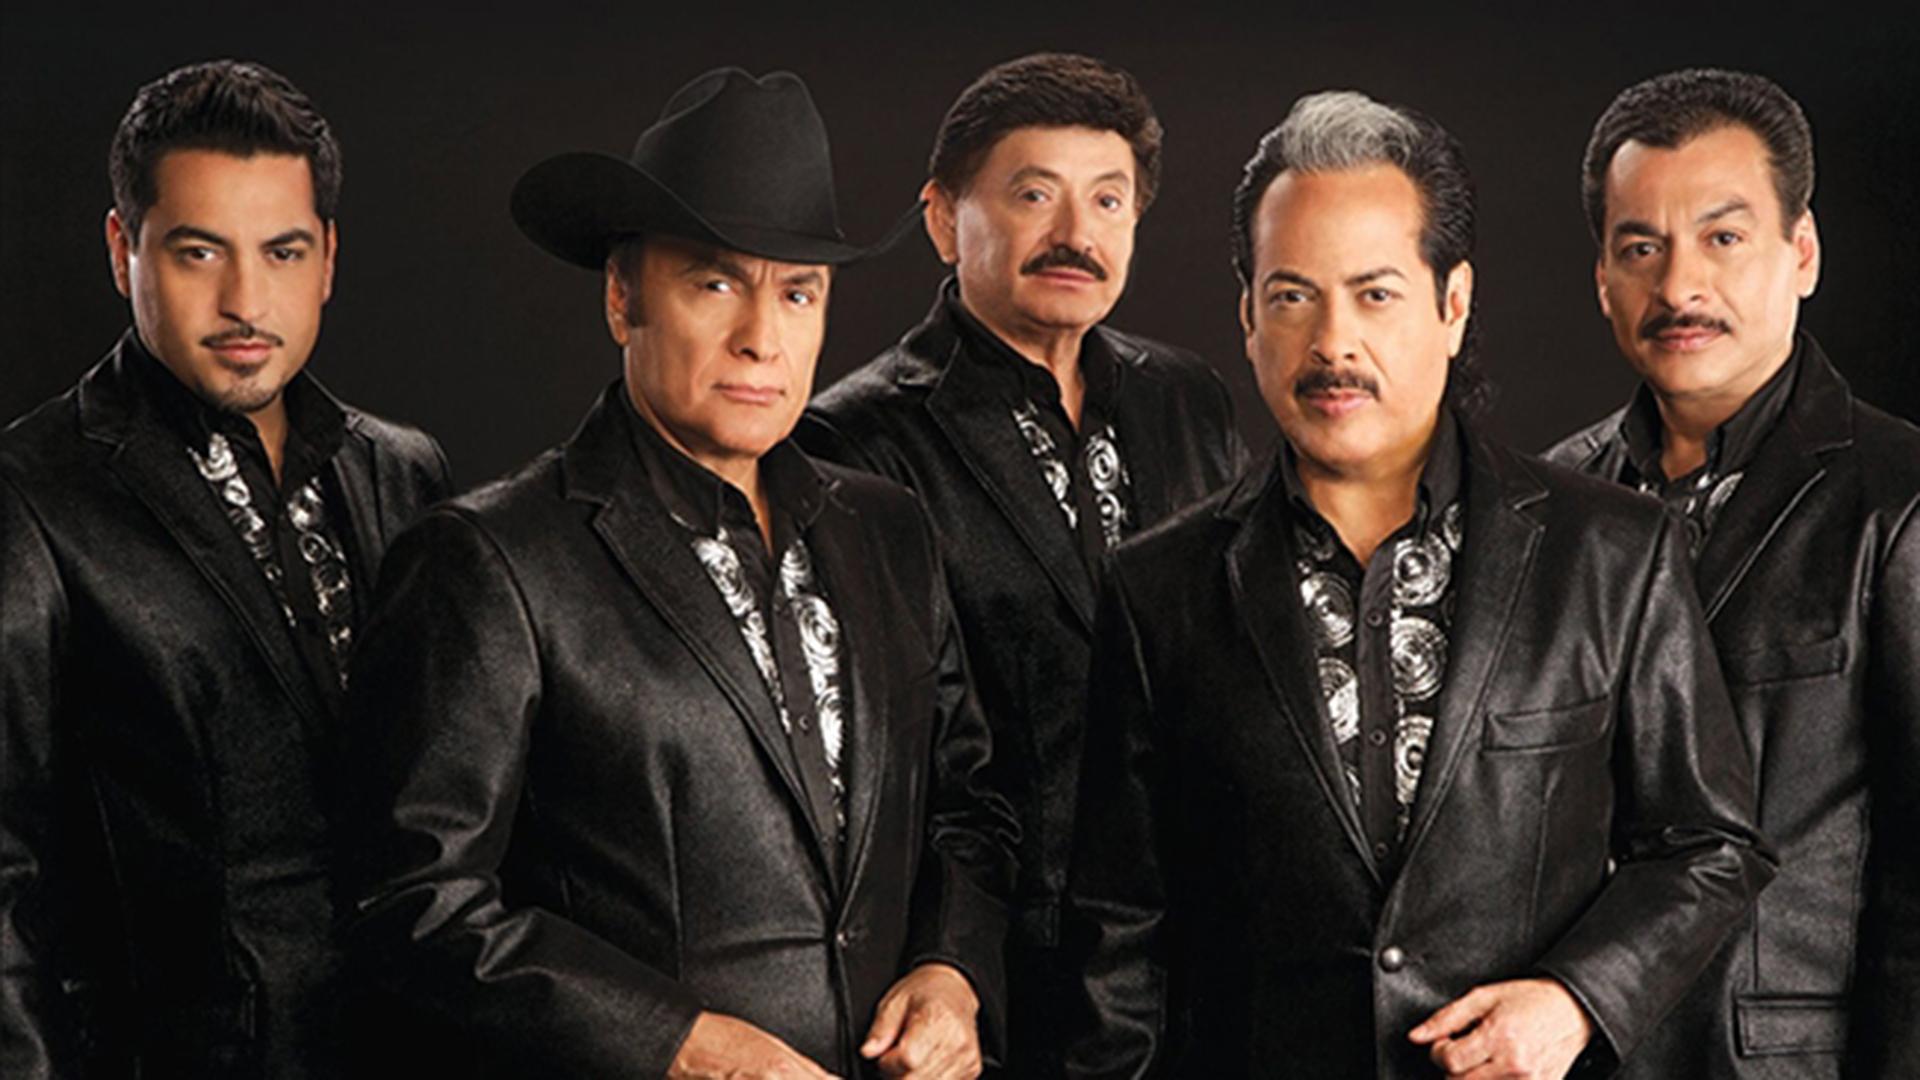 Gobierno de Chihuahua sanciona a banda musical Tigres del Norte